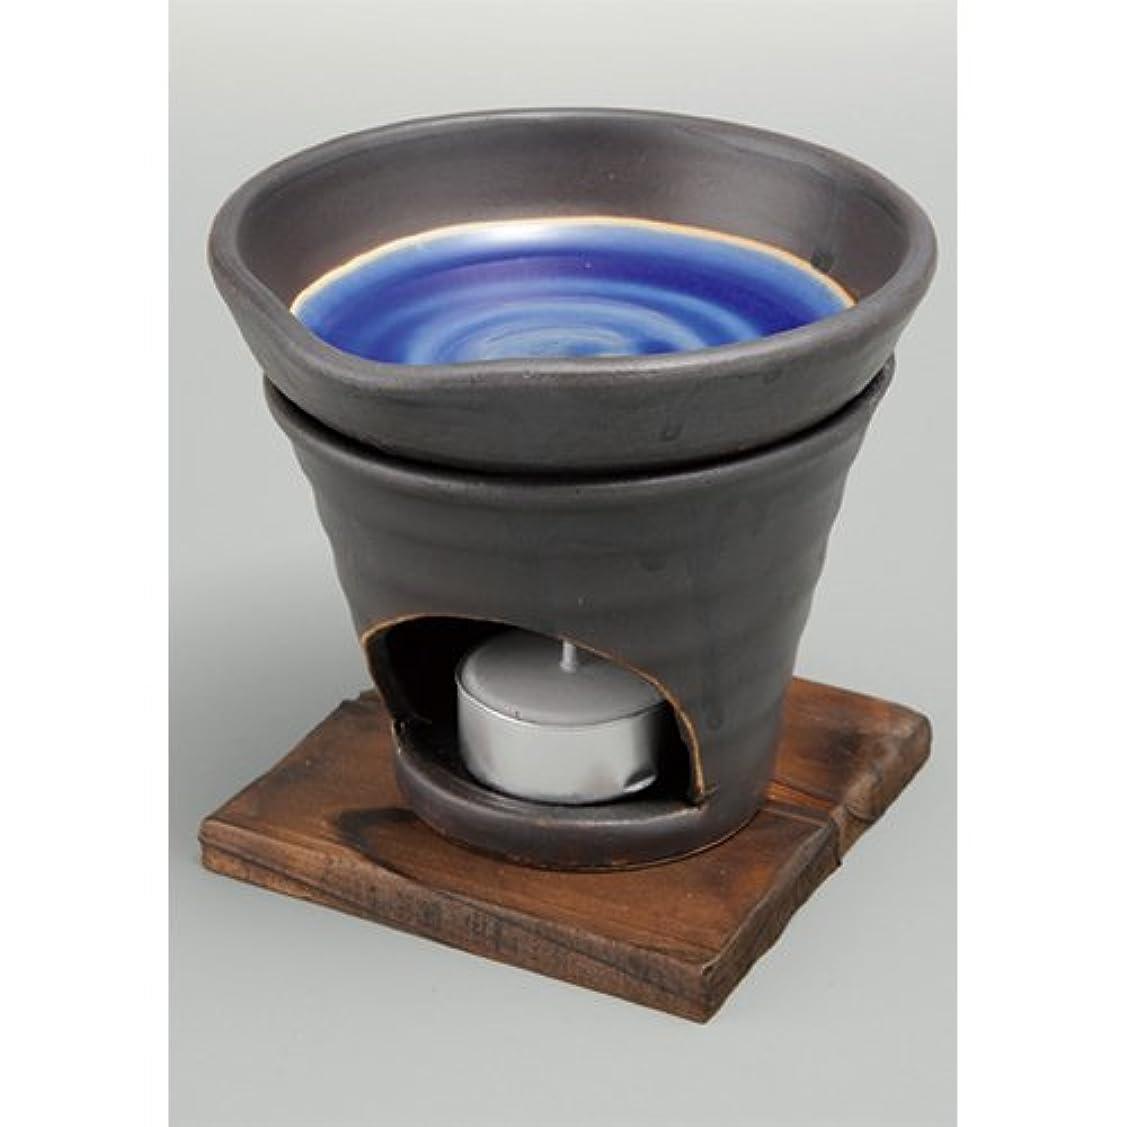 枠入るライフル香炉 黒釉 茶香炉(青) [R11.8xH11.5cm] HANDMADE プレゼント ギフト 和食器 かわいい インテリア